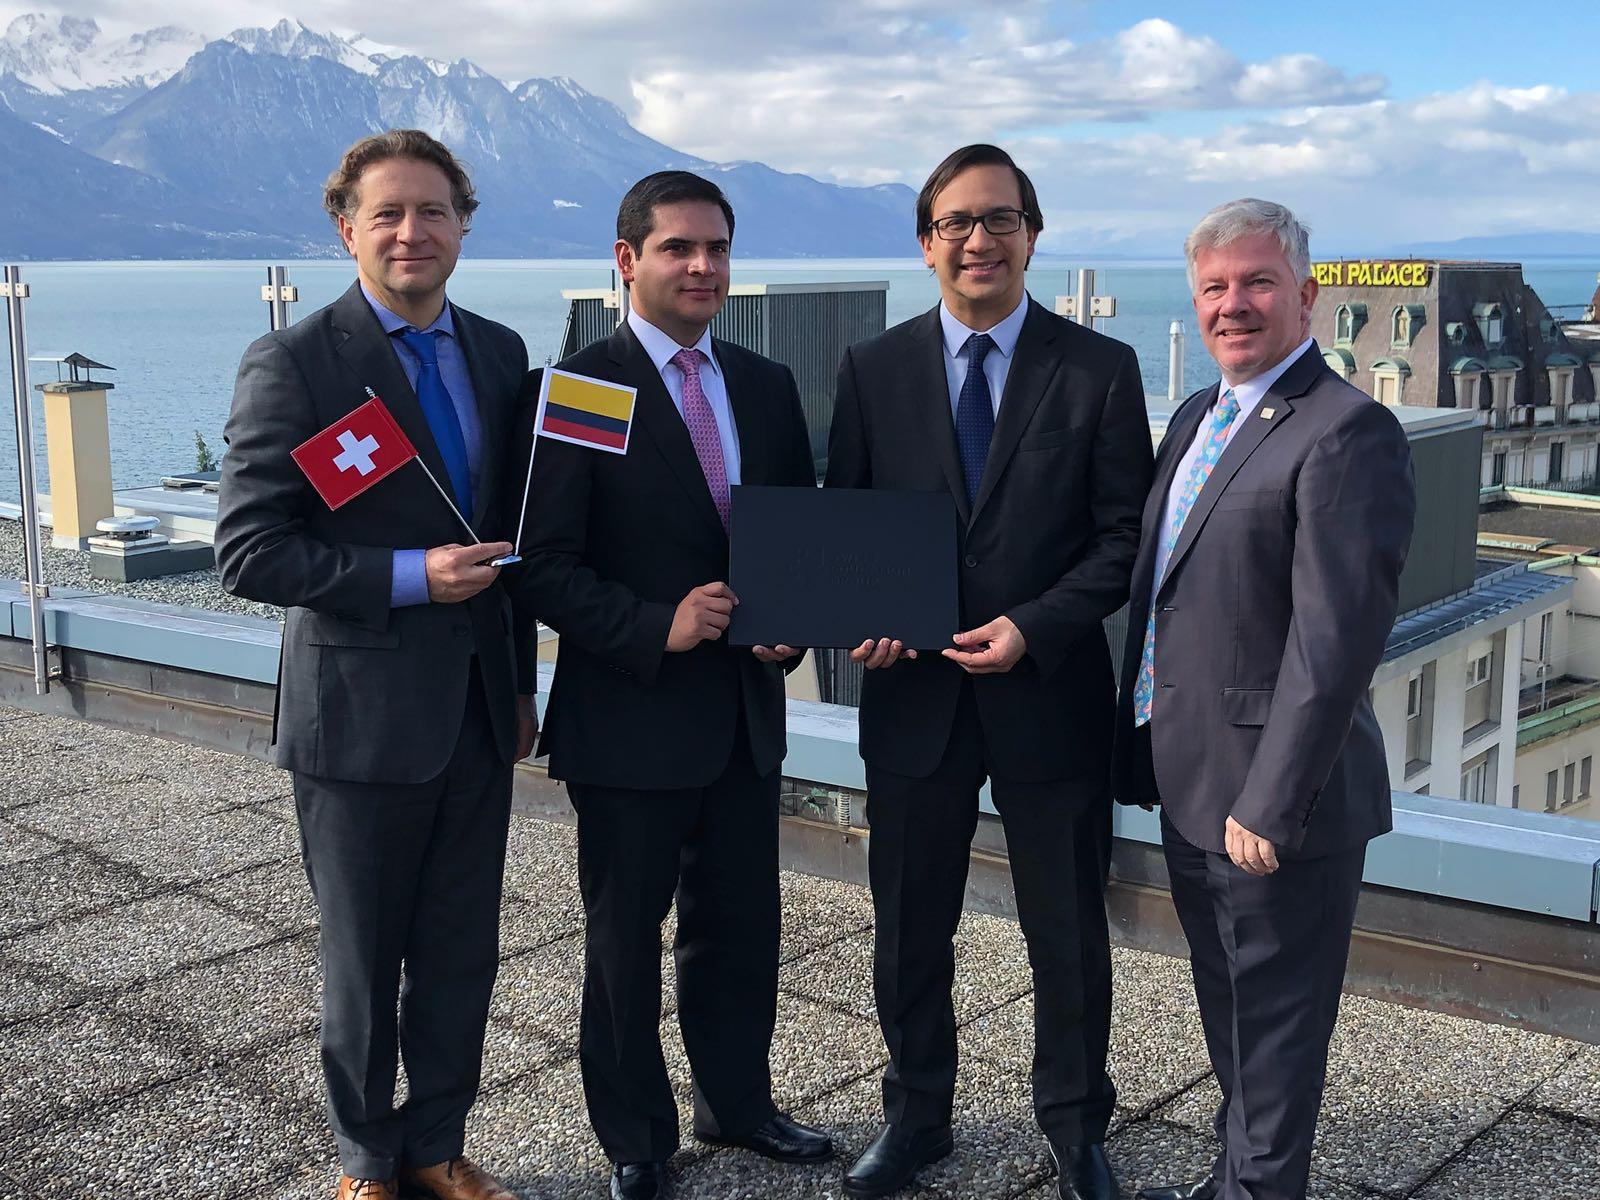 convenio-internacional-suiza-cesar-ritz-eicea-unisabana-2018